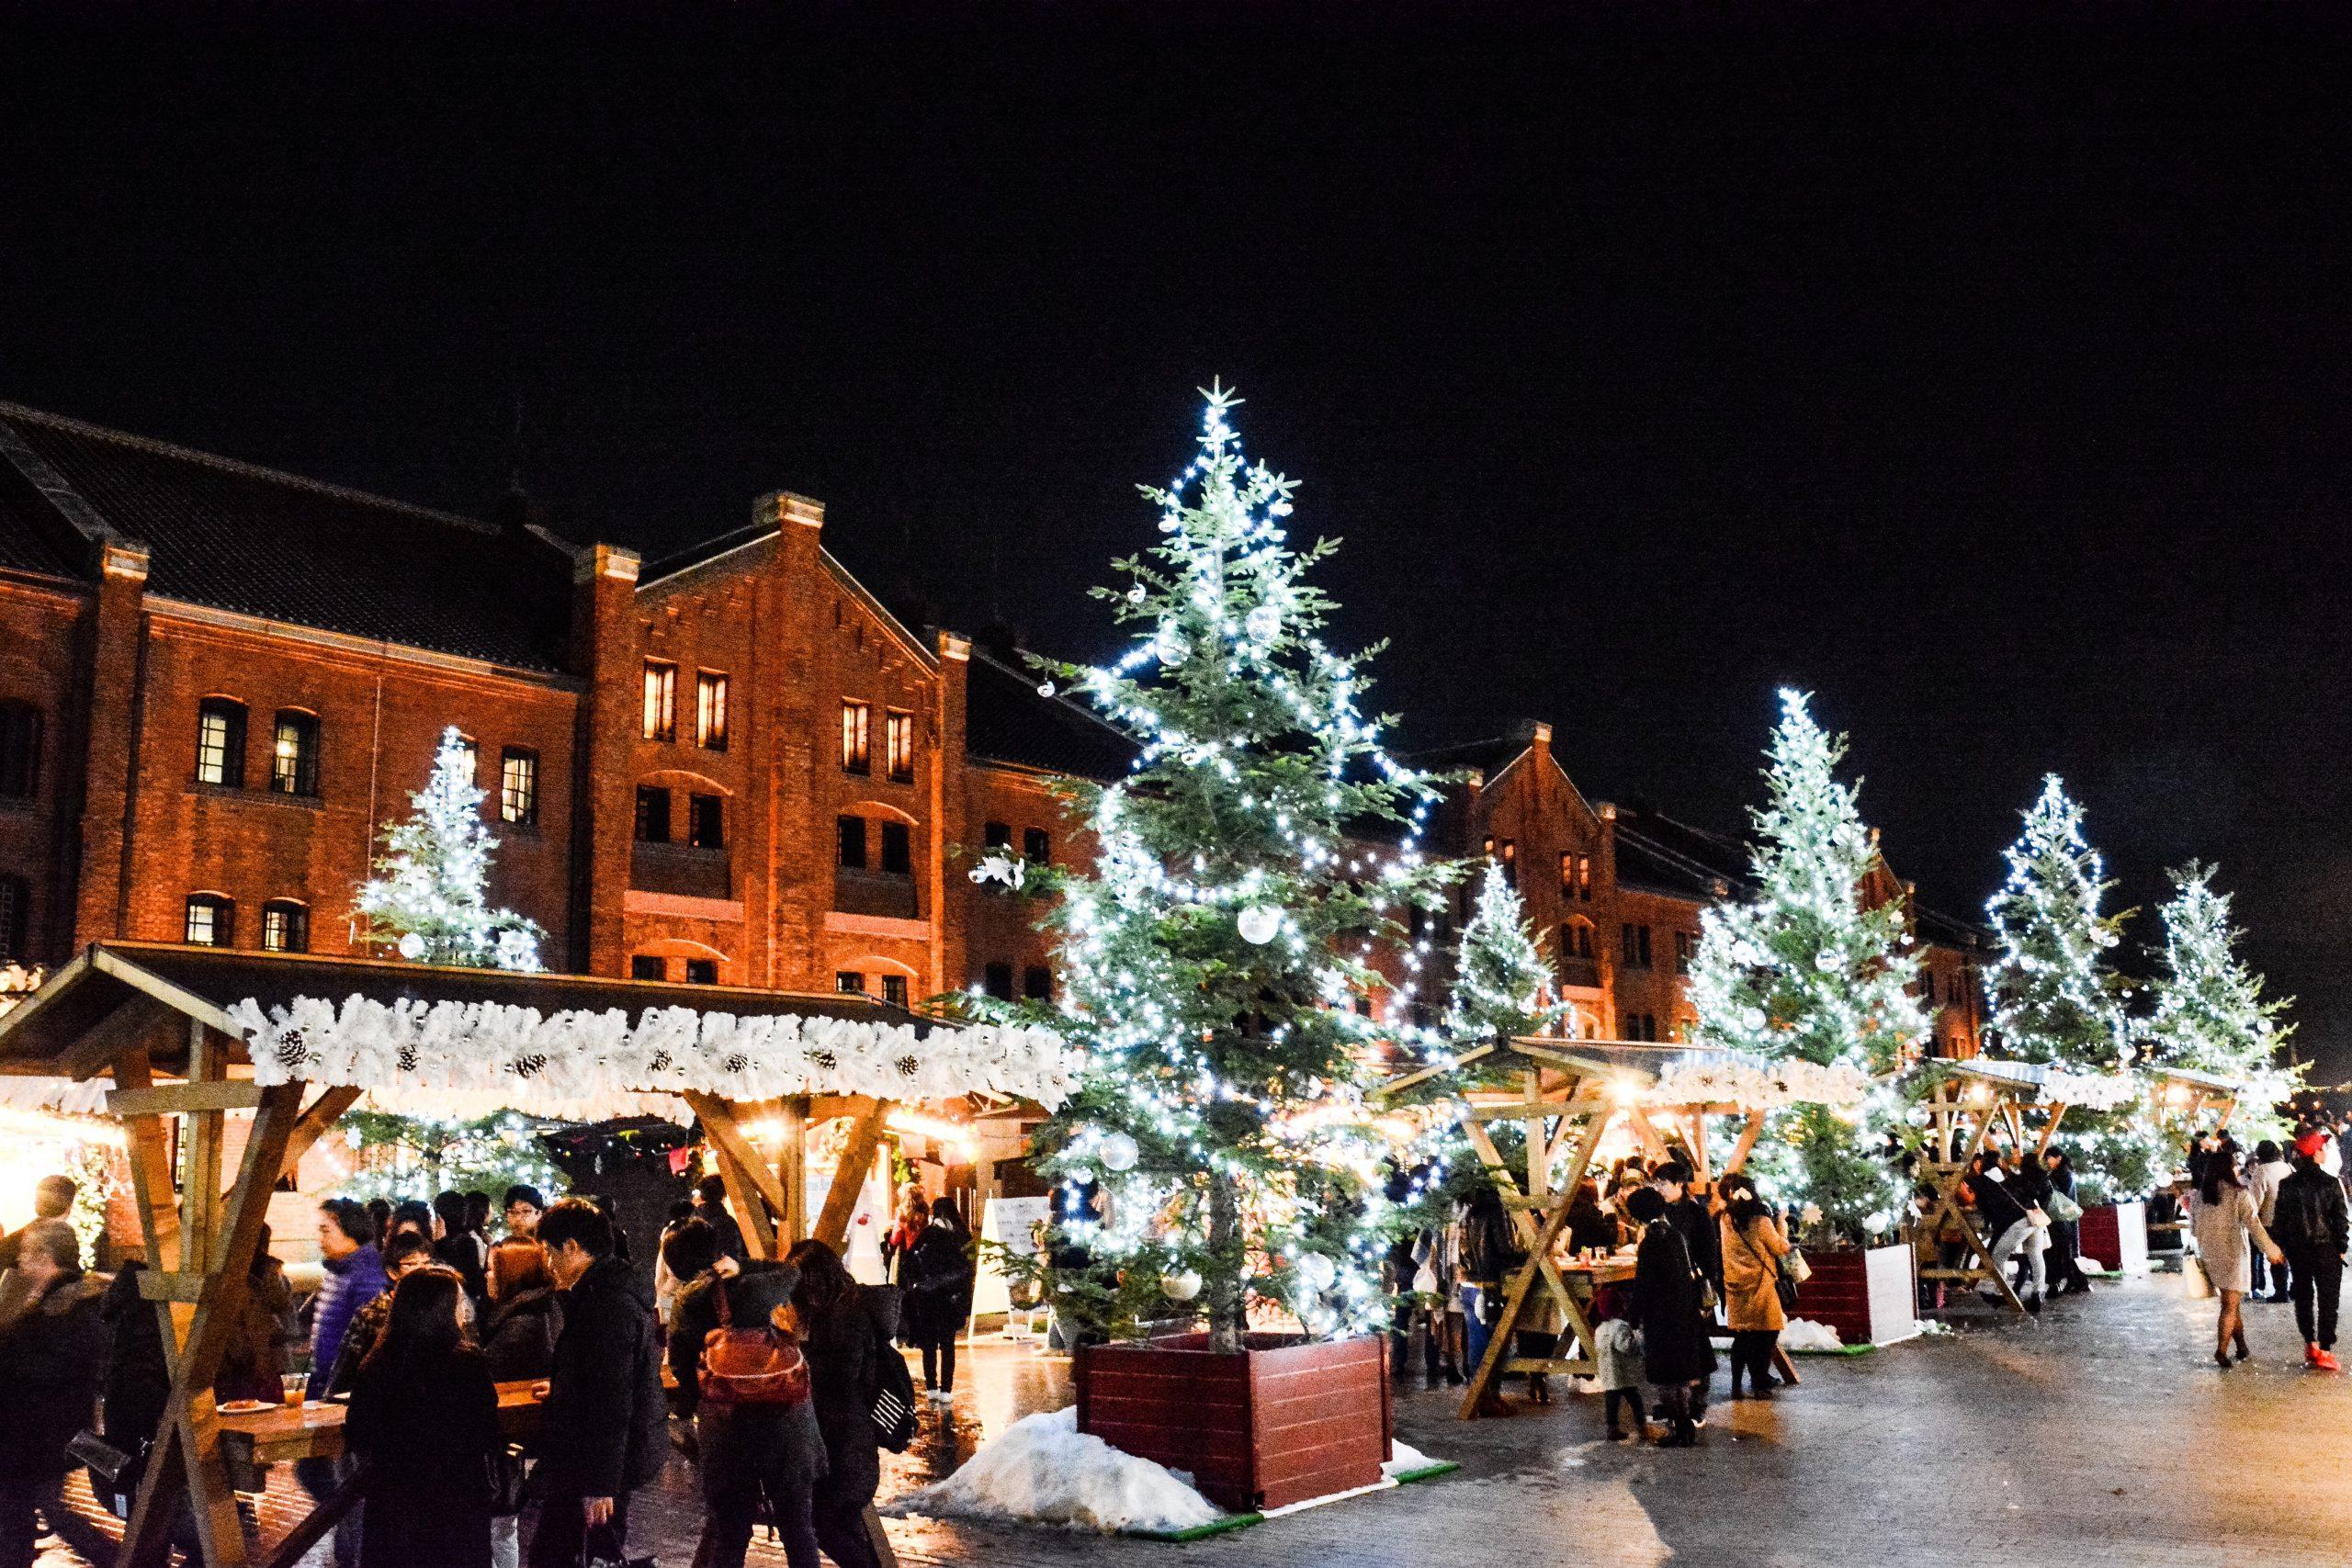 Weihnachtsmarkt Hampel